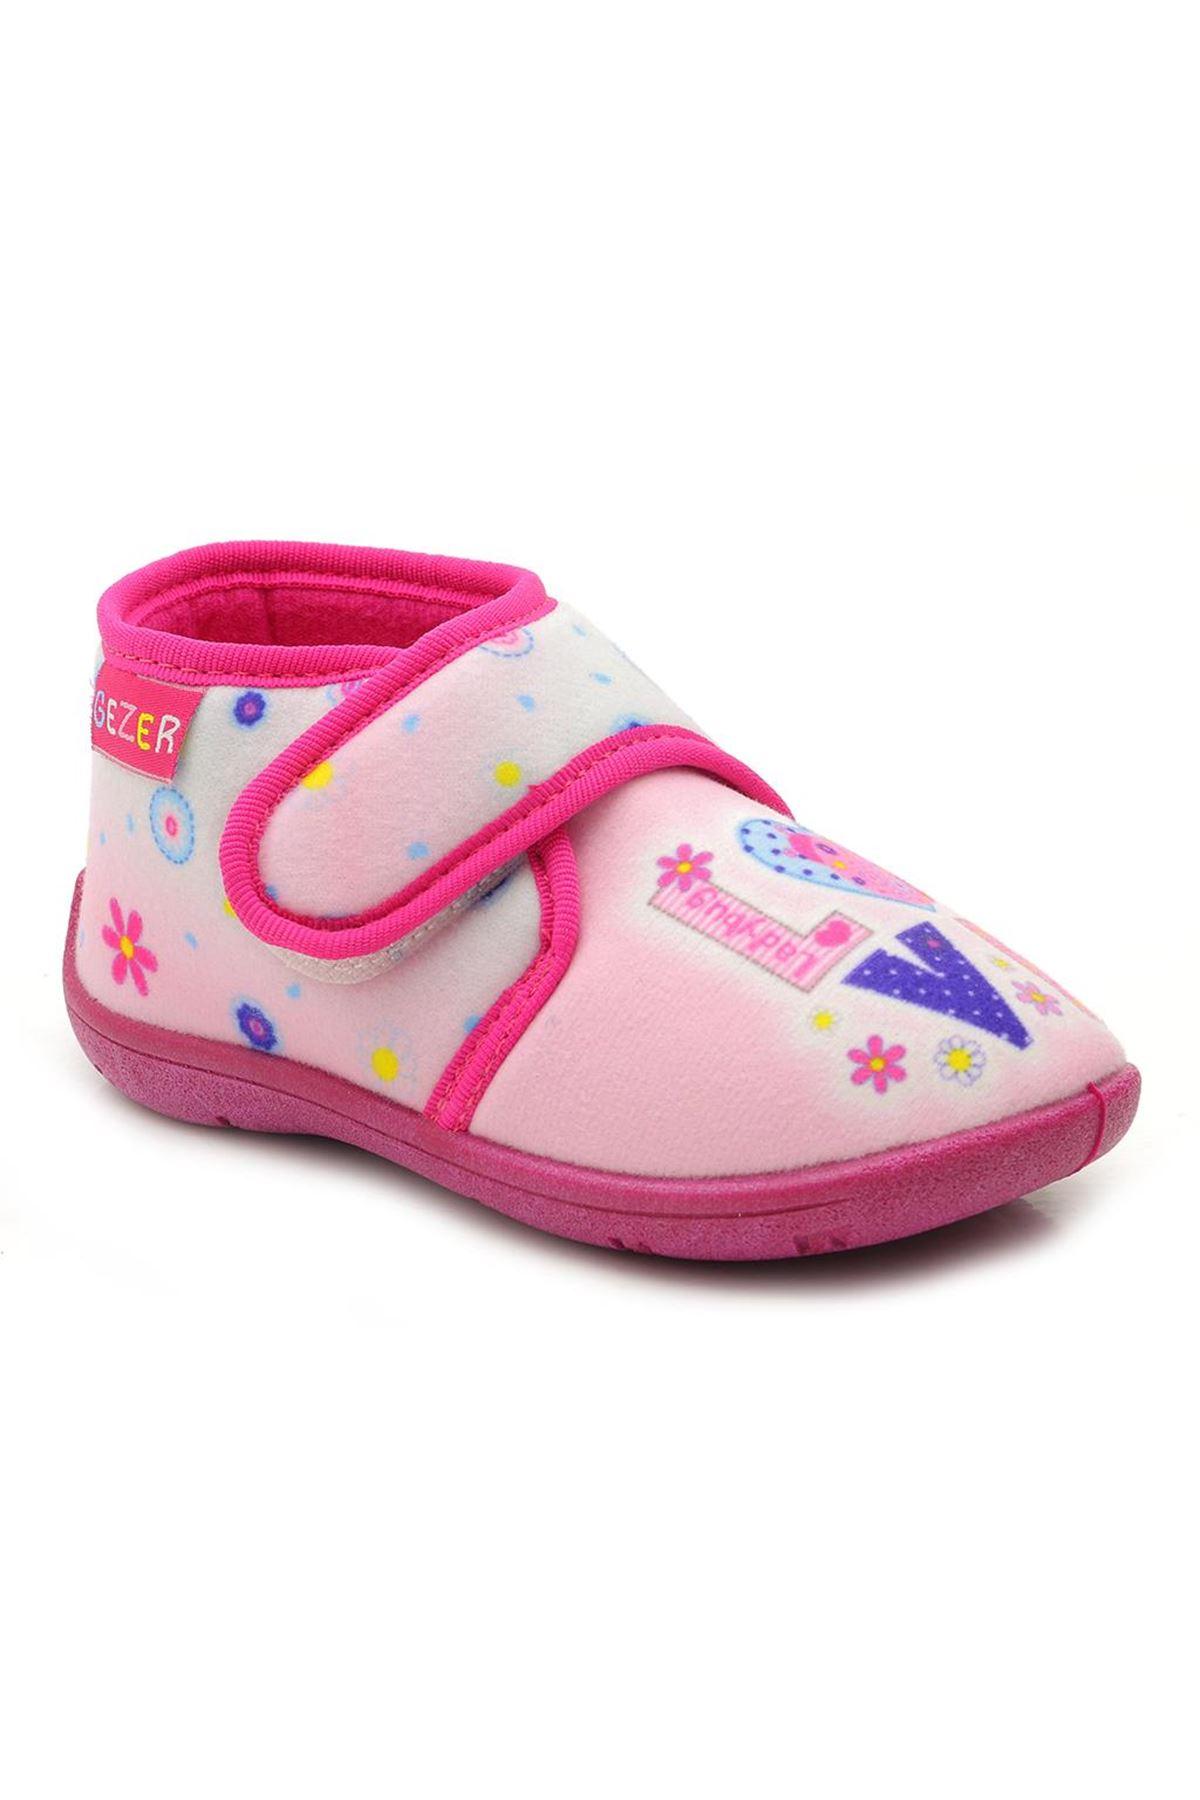 Gezer 2001 Pembe Kız Çocuk Panduf Ev Ayakkabısı